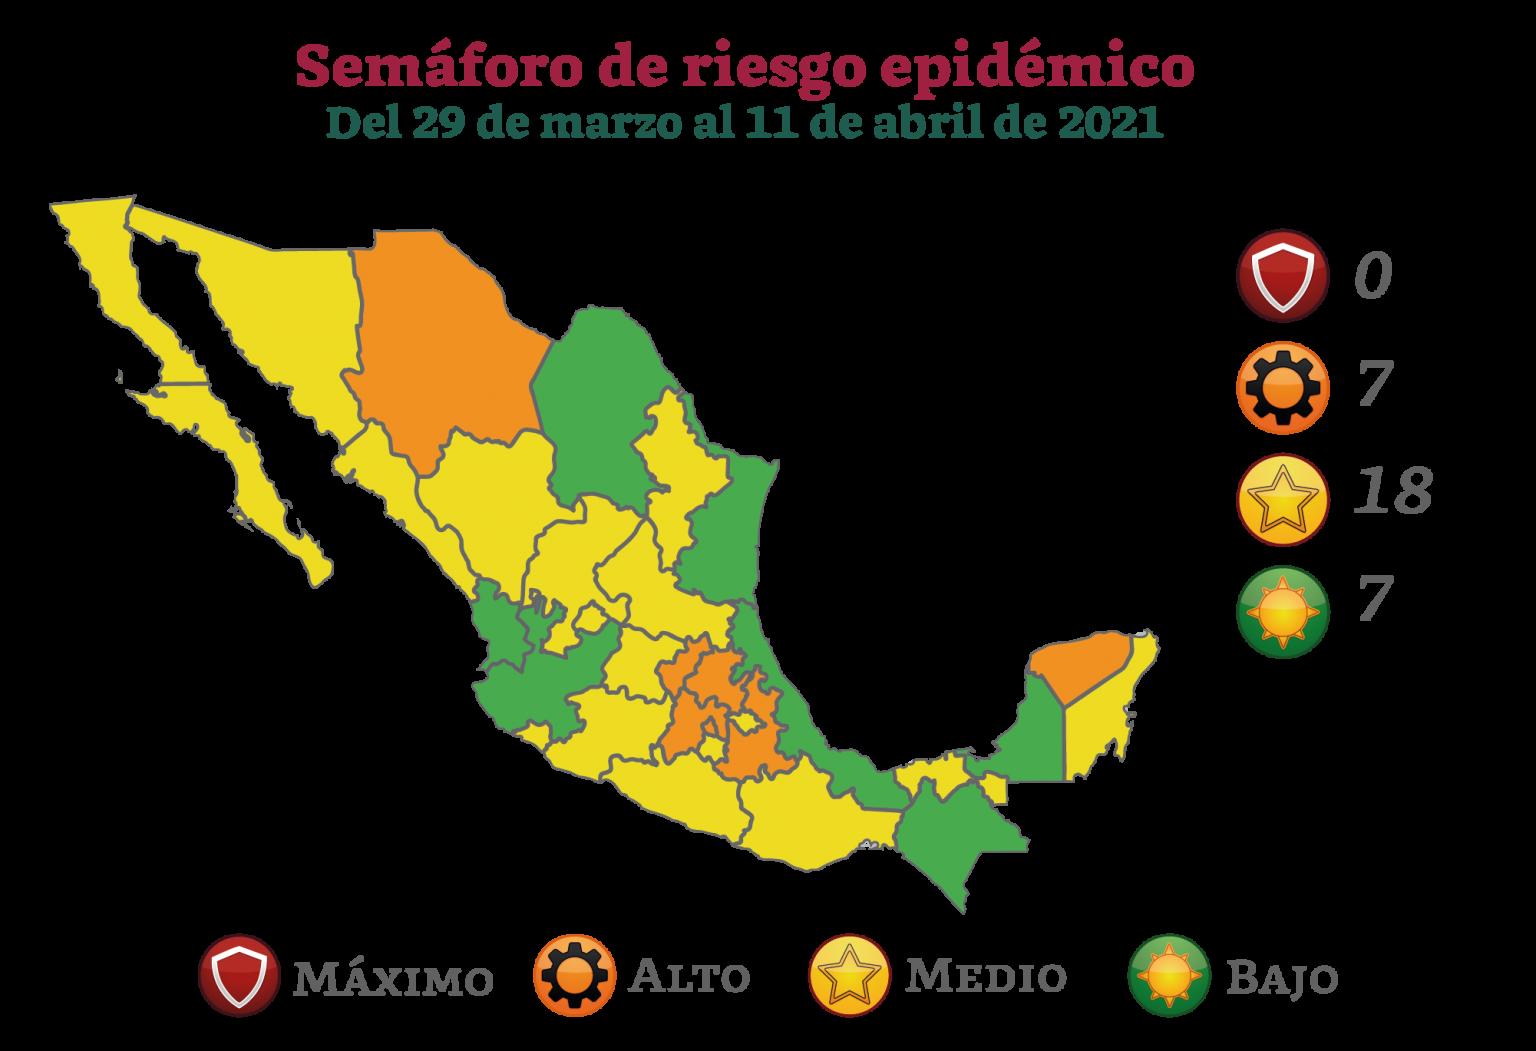 Ninguna entidad  en color rojo y 7 en verde, así será  el semáforo epidemiológico del 29 de marzo al 11 de abril